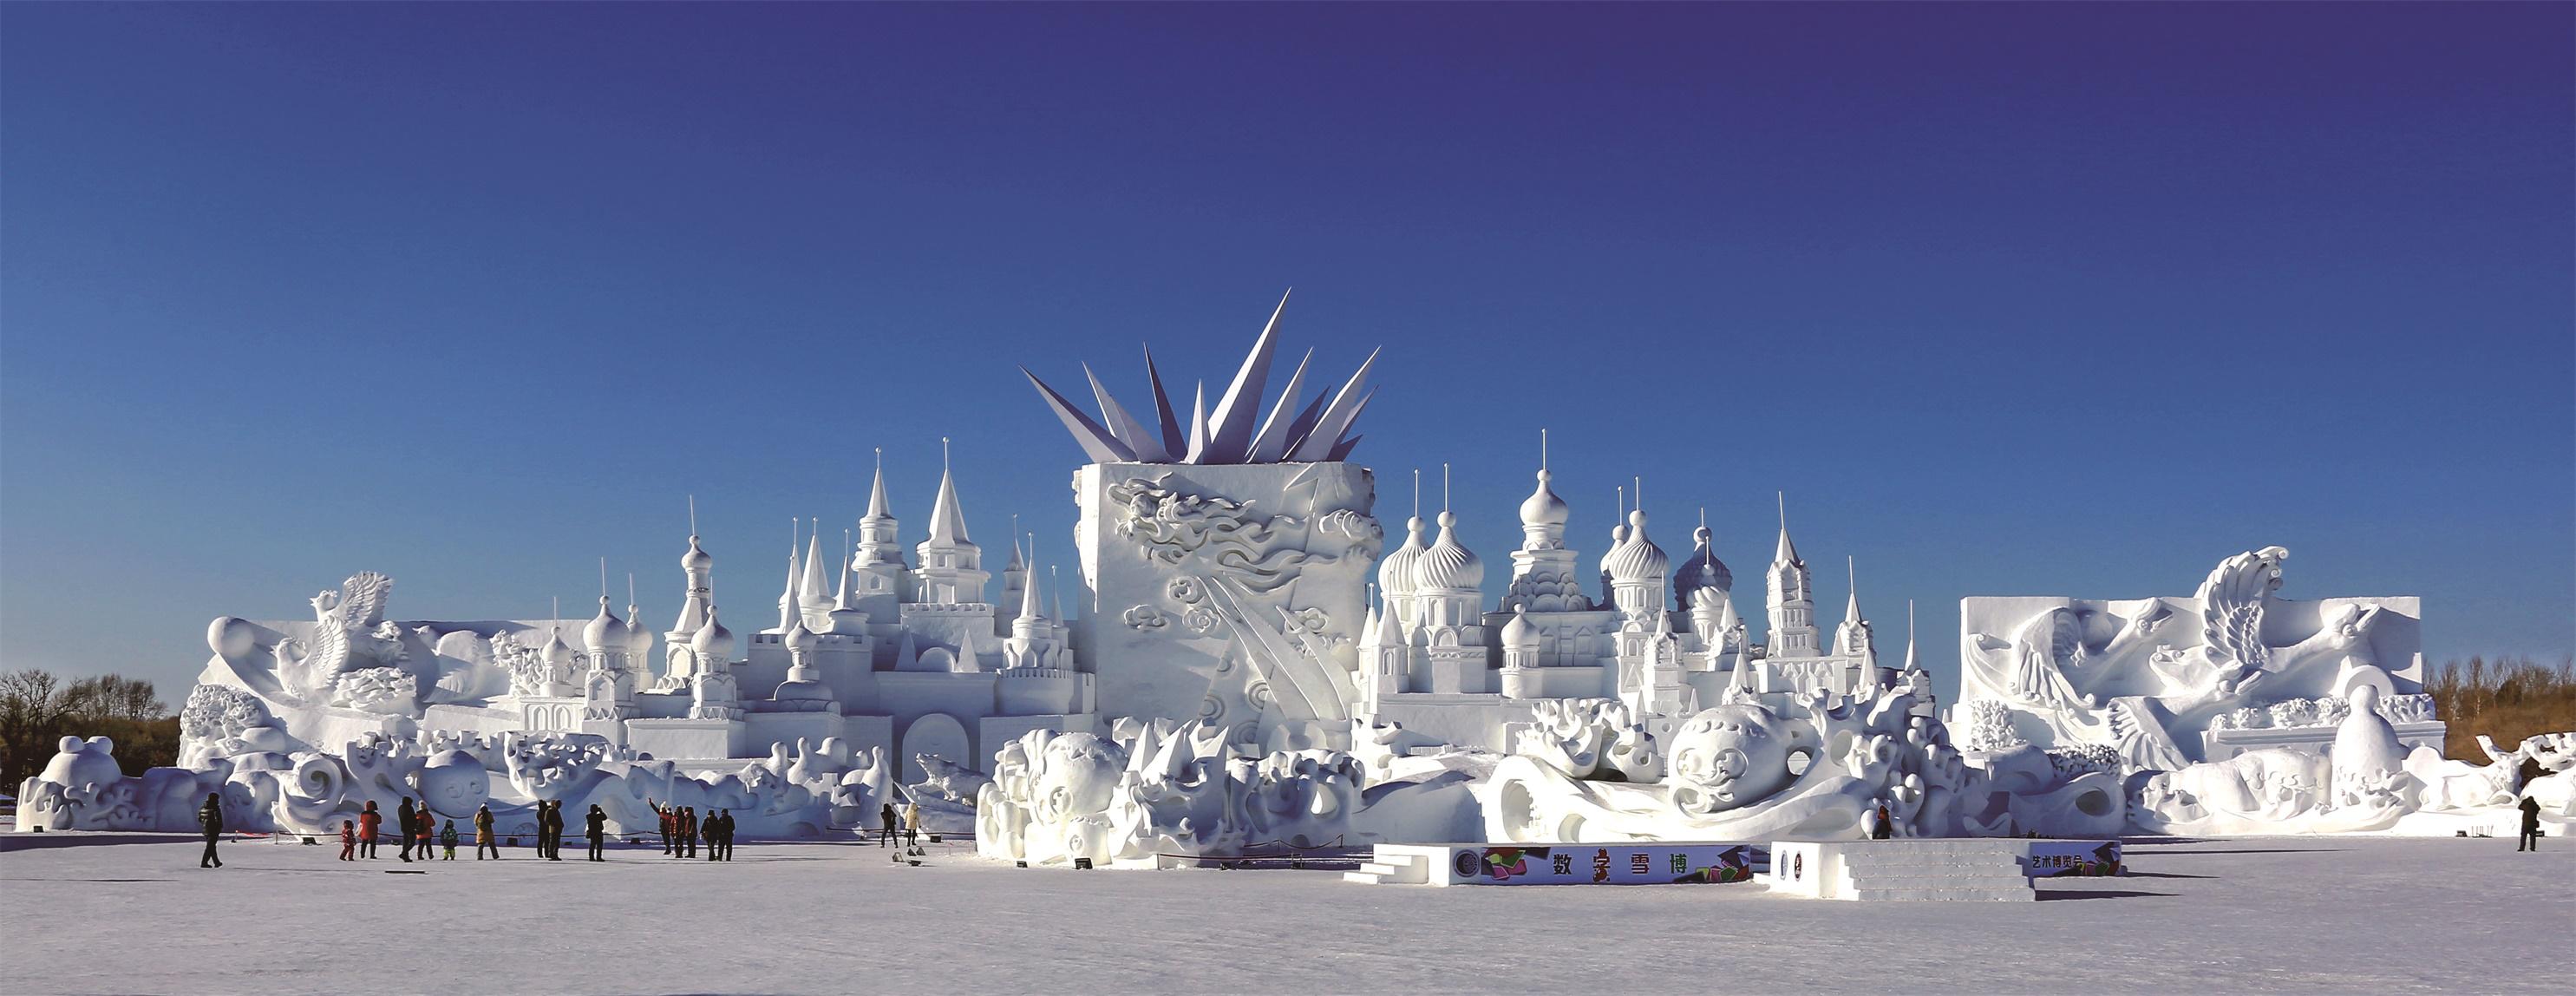 太阳岛雪雕博览会